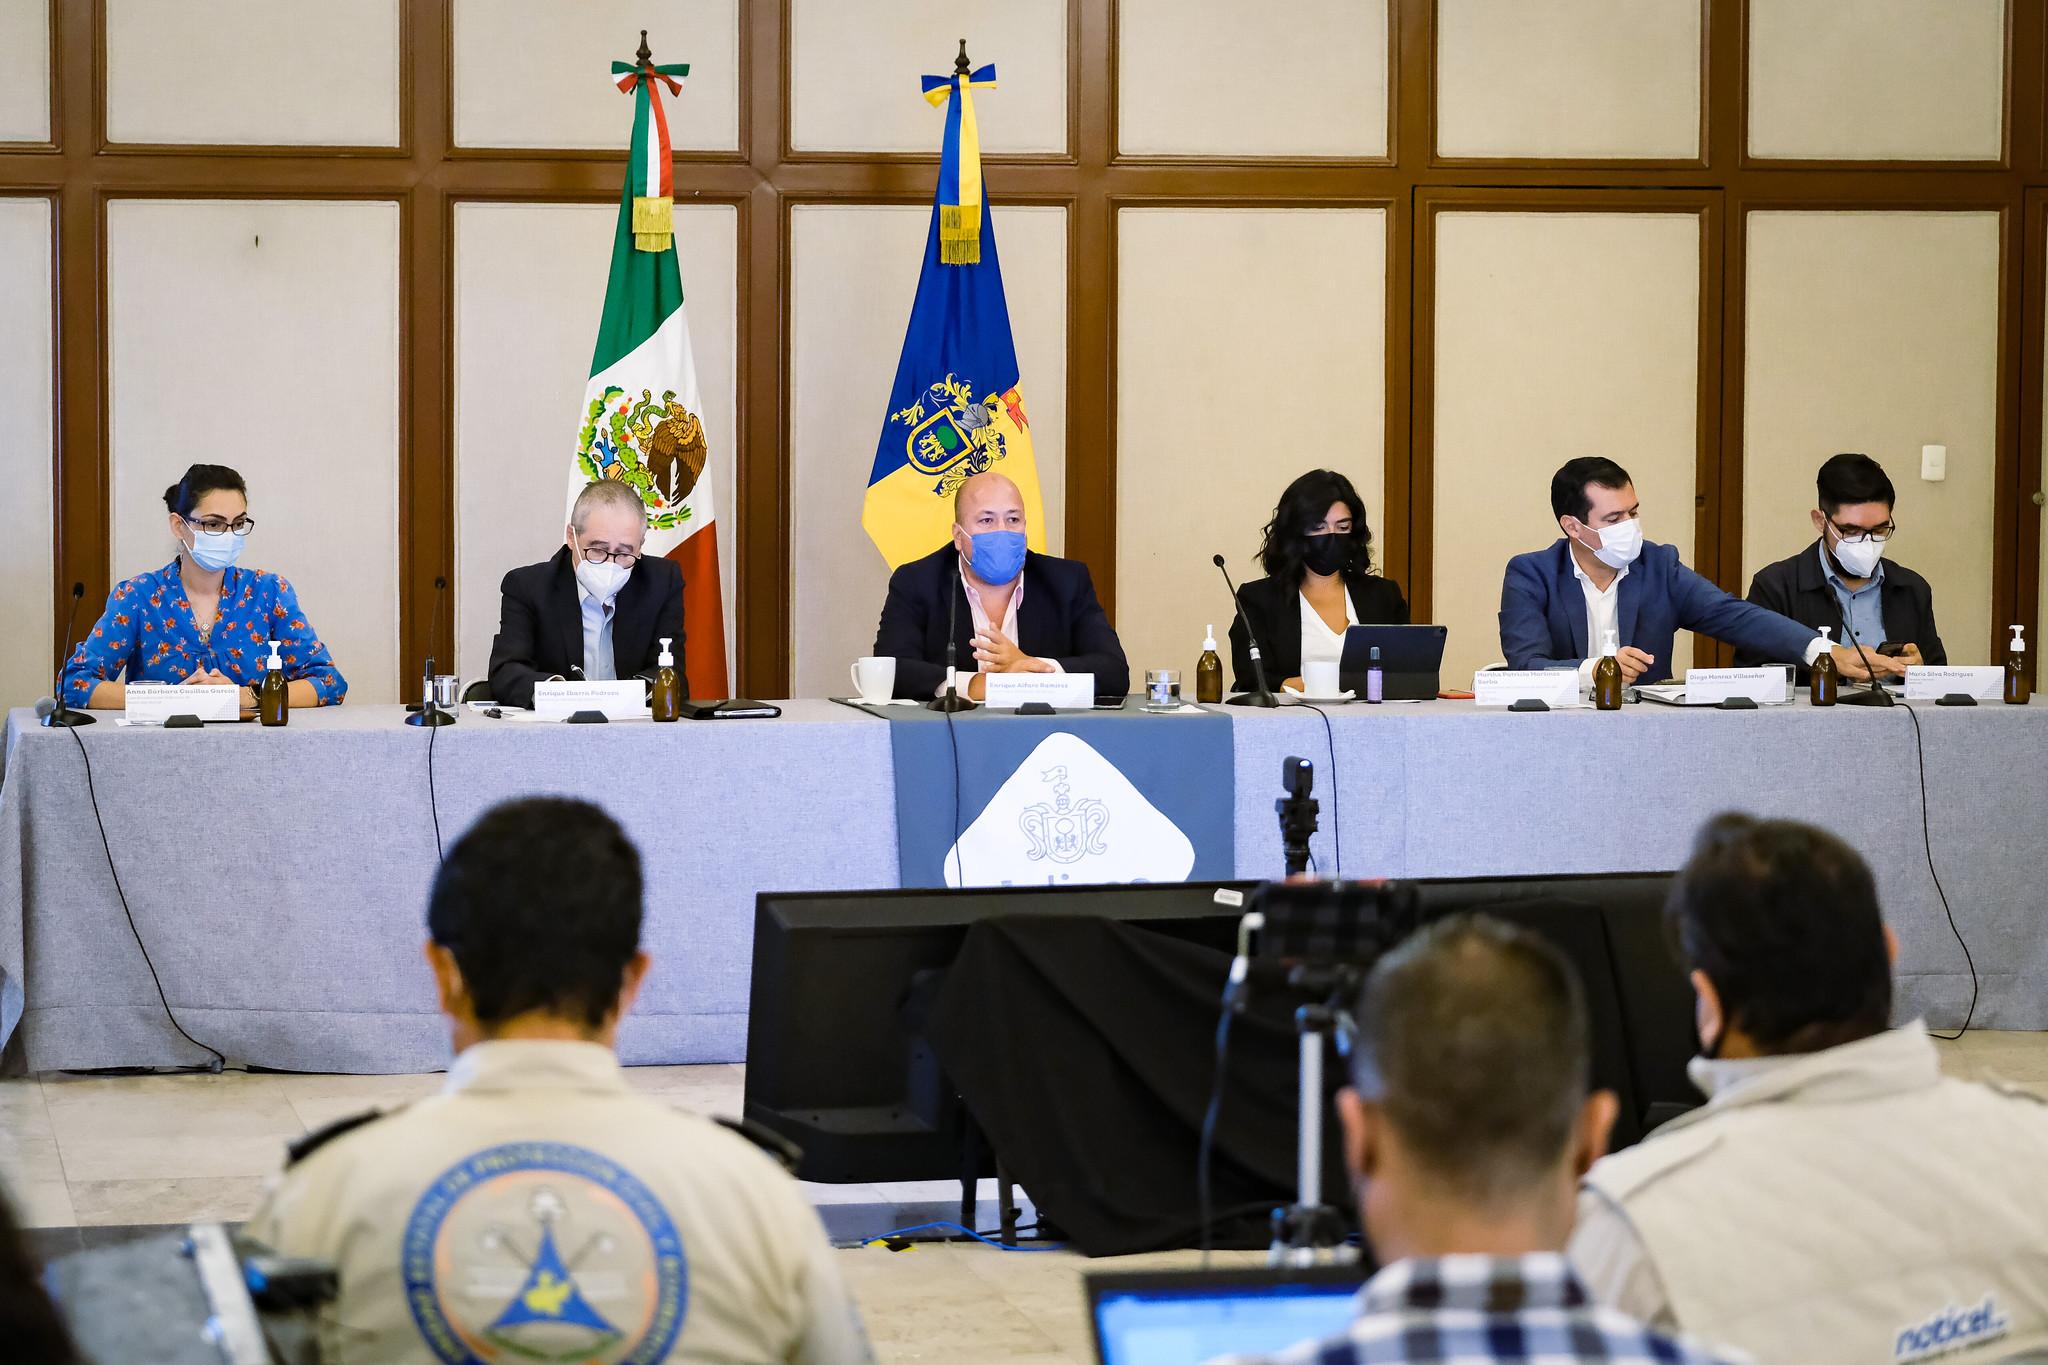 Avanza Jalisco en la transformación del transporte público con acciones estratégicas